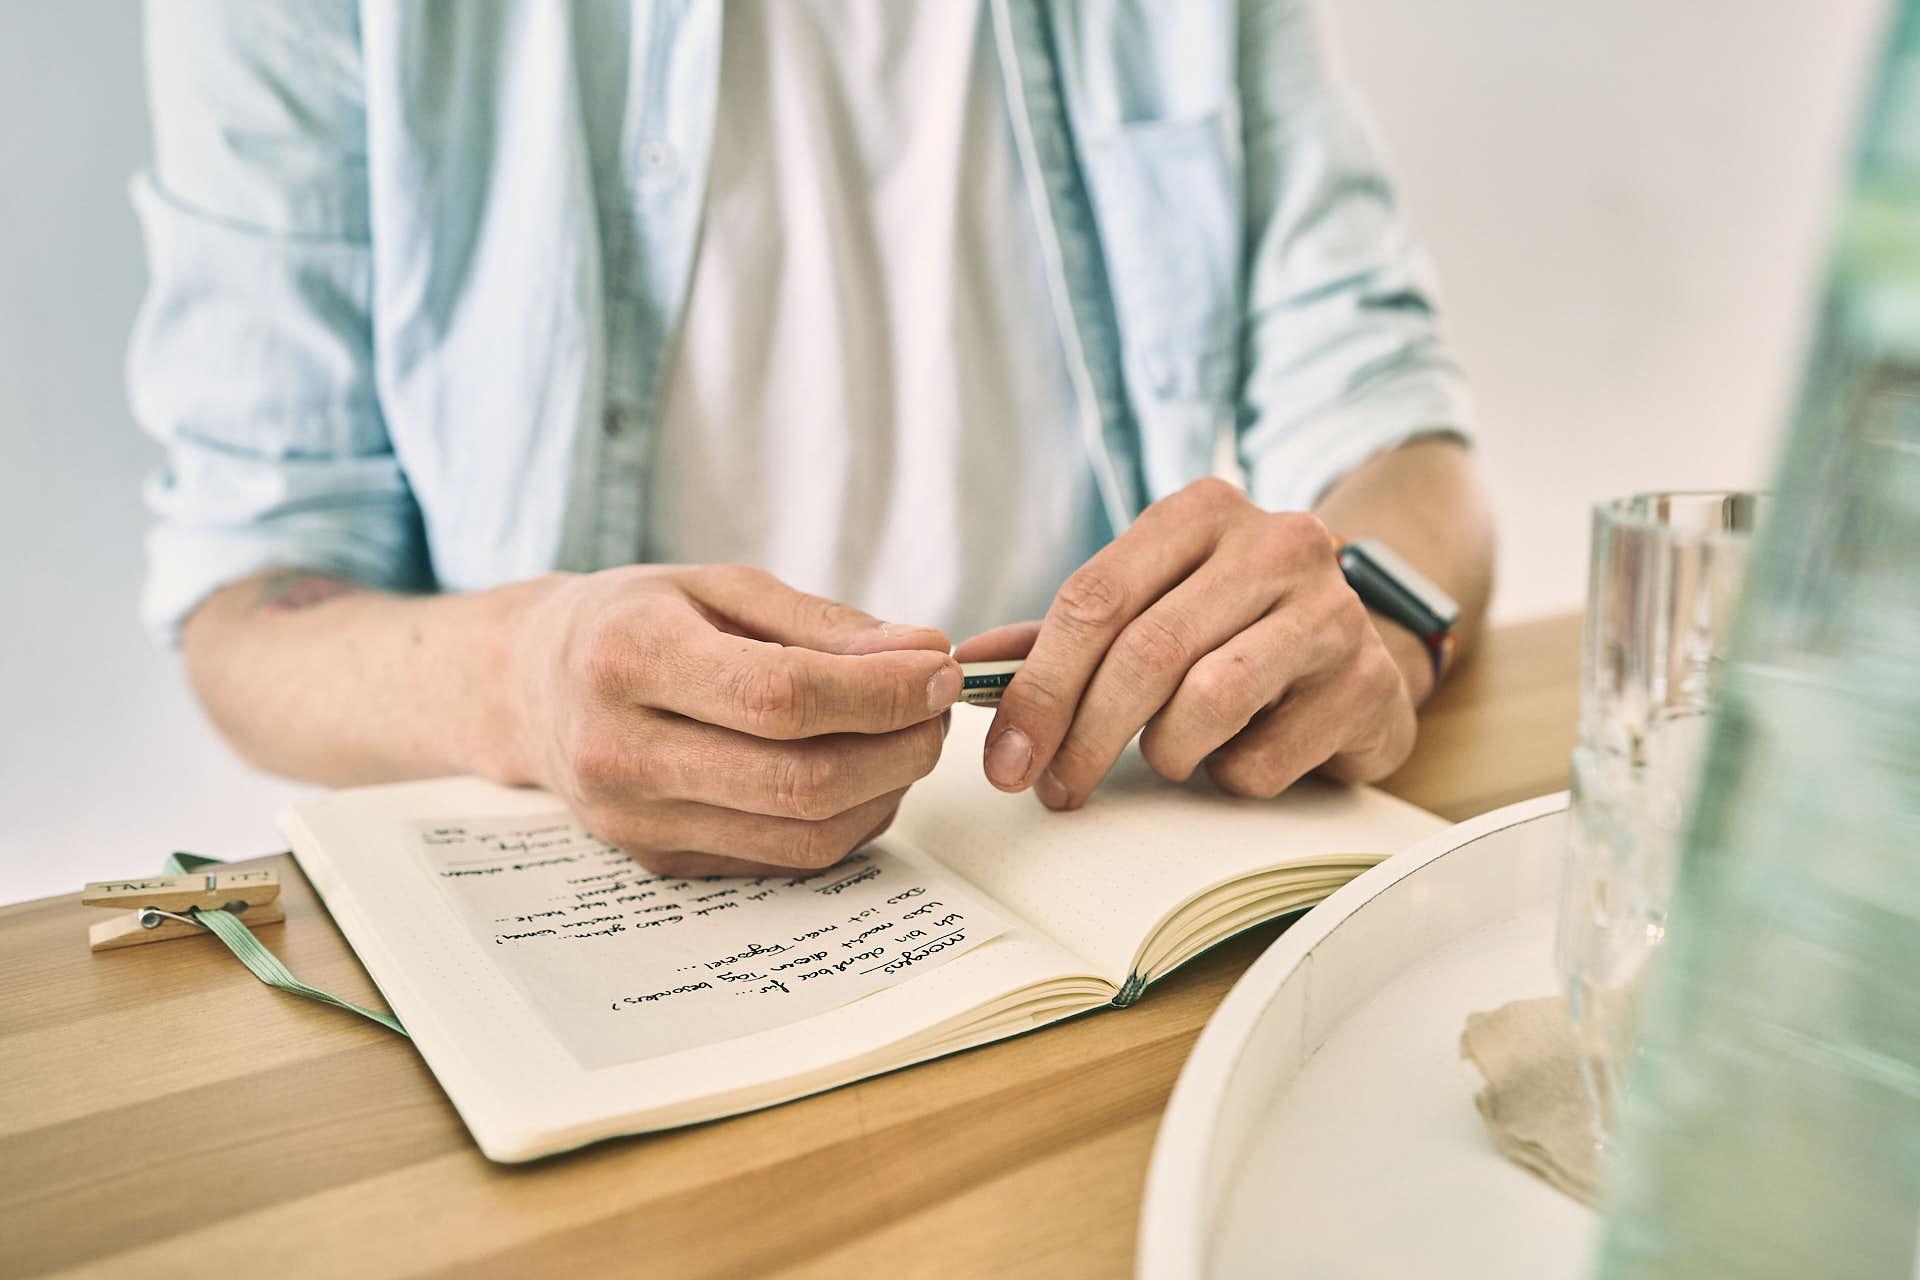 Lerne auf dich und deine Entscheidungen zu vertrauen - eine starke Achtsamkeitspraxis kann dir dabei helfen